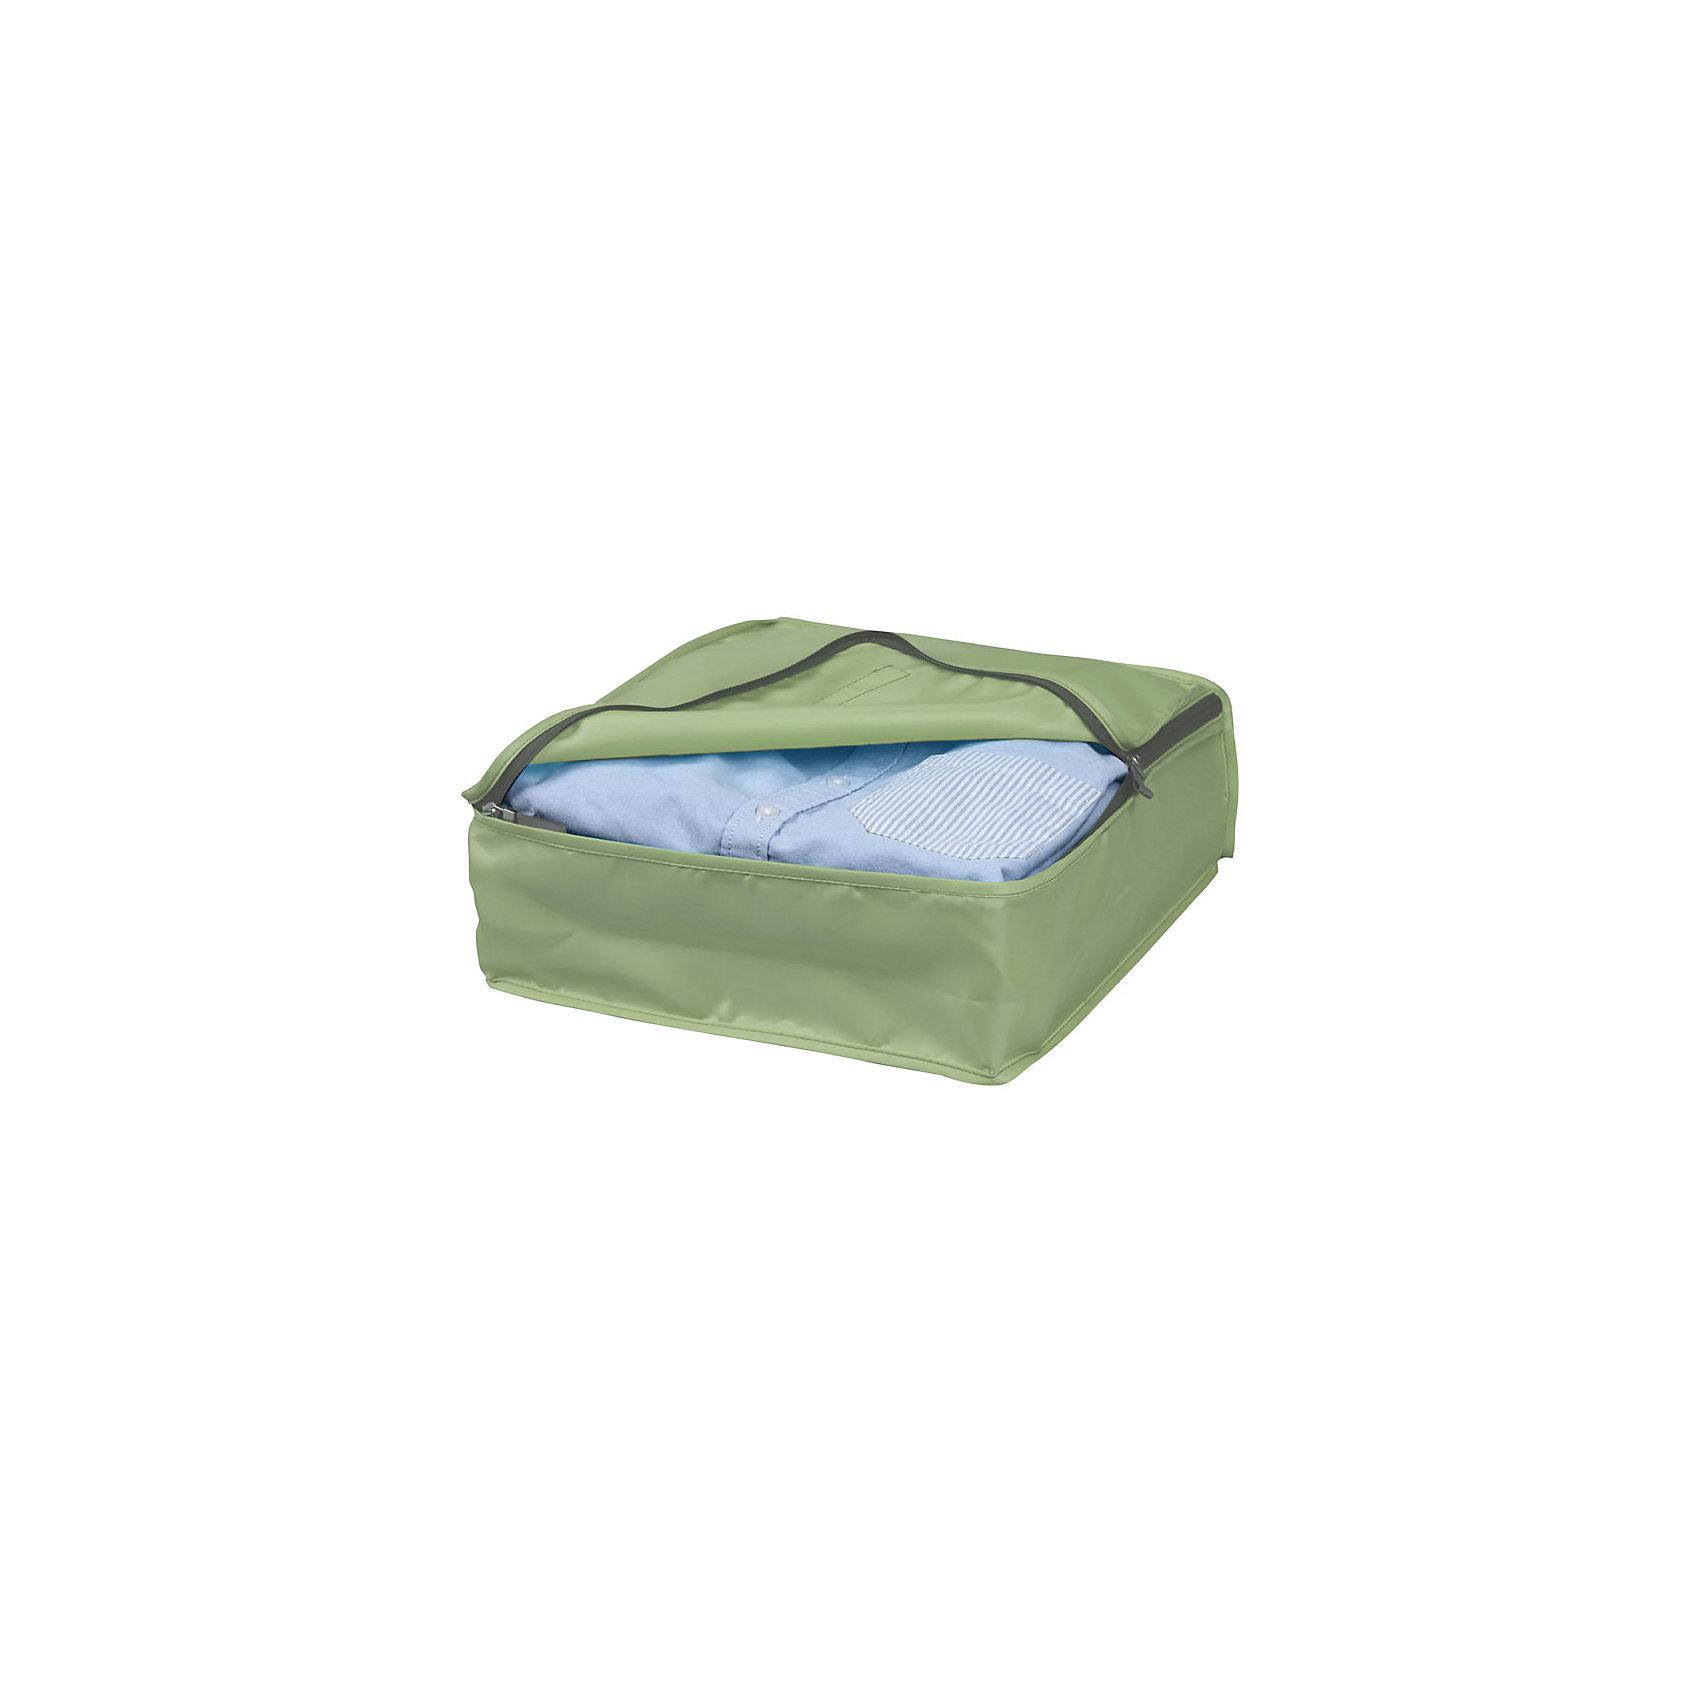 Чехол для одежды дорожный SO301, 32*26*12см, Рыжий КотПорядок в детской<br>Чехол для хранения одежды дает возможность упорядочить багаж, защитить вещи от пыли и загрязнений. Застегивается на молнию. Чехол можно стирать.<br><br>Дополнительная информация:<br><br>Размер: 32х26х12 см<br>Материал: полиэстер<br><br>Чехол для одежды дорожный SO301, 32*26*12см, Рыжий Кот можно купить в нашем интернет-магазине.<br><br>Ширина мм: 320<br>Глубина мм: 260<br>Высота мм: 120<br>Вес г: 98<br>Возраст от месяцев: 36<br>Возраст до месяцев: 1080<br>Пол: Унисекс<br>Возраст: Детский<br>SKU: 4989816